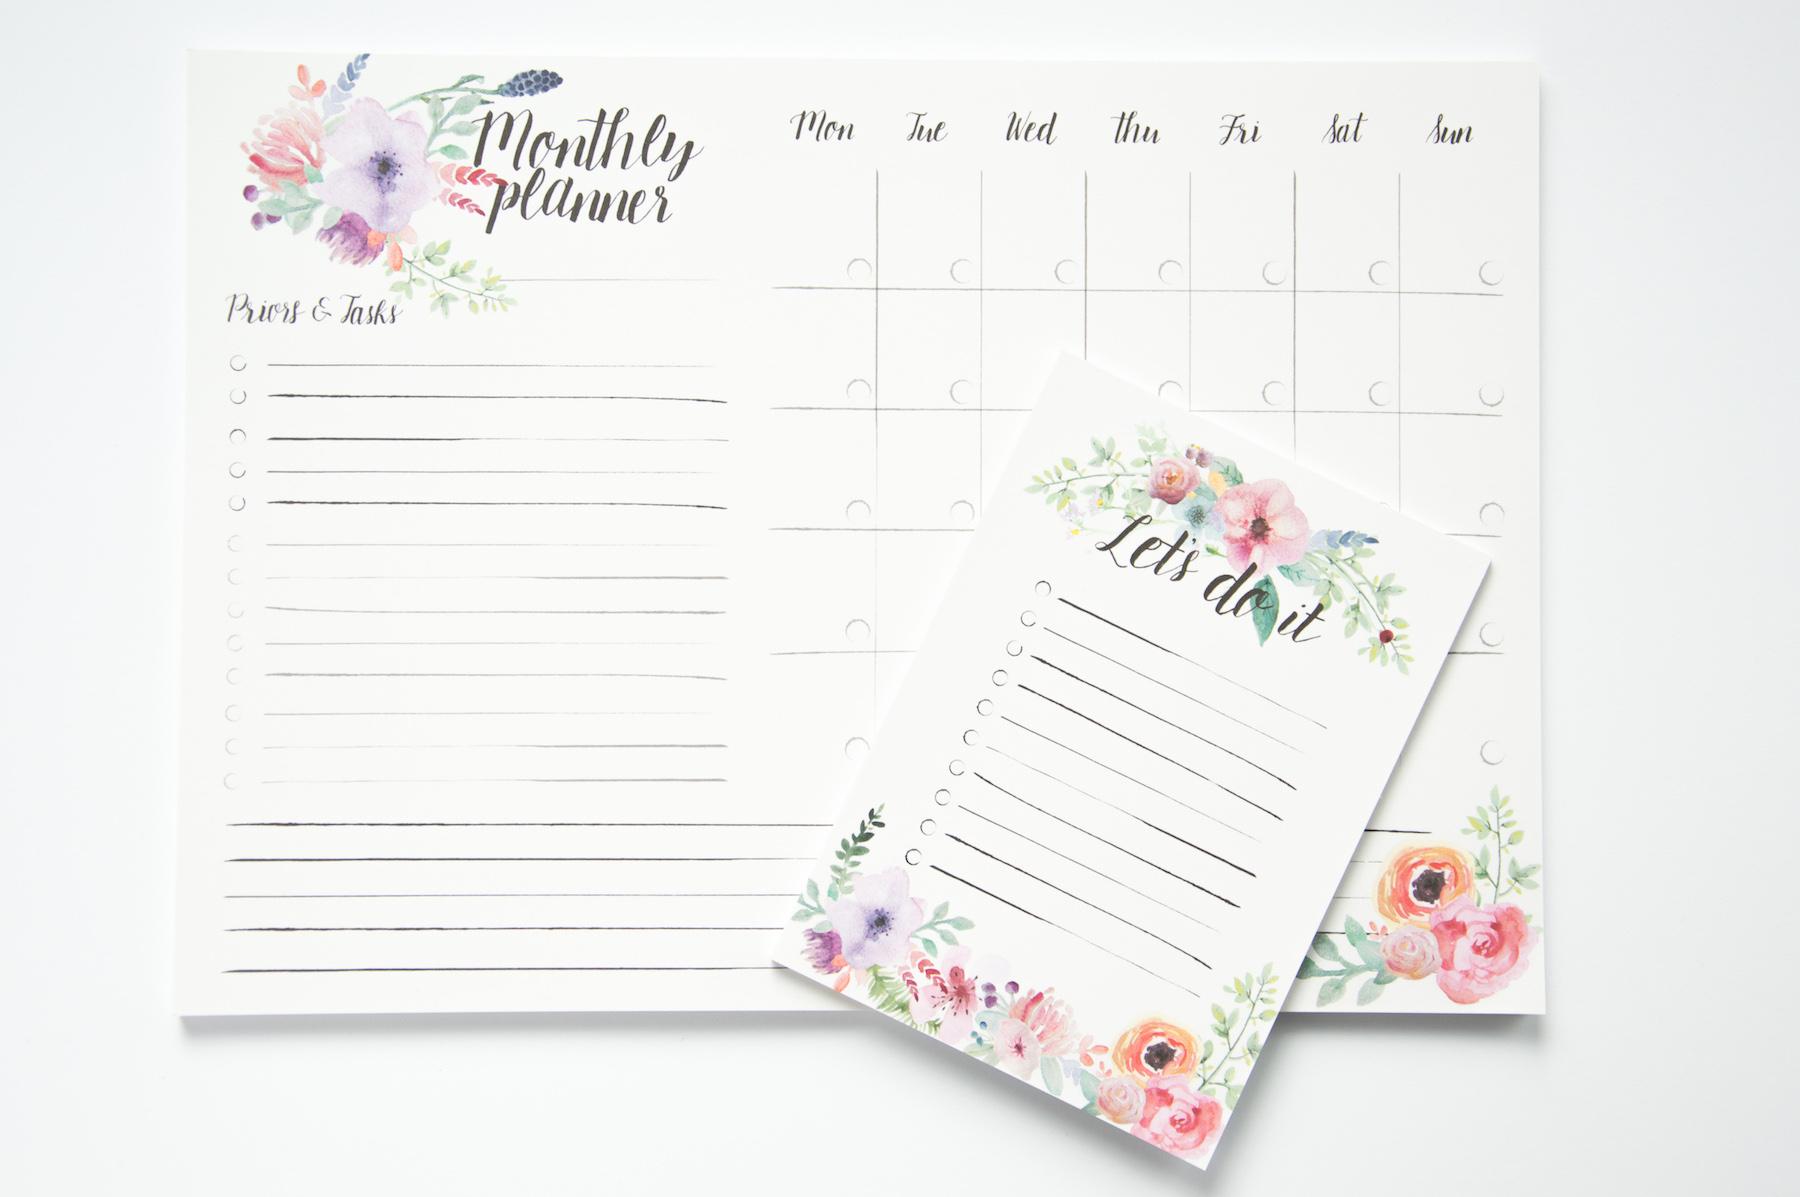 planer miesięczny to do lista zadań notes